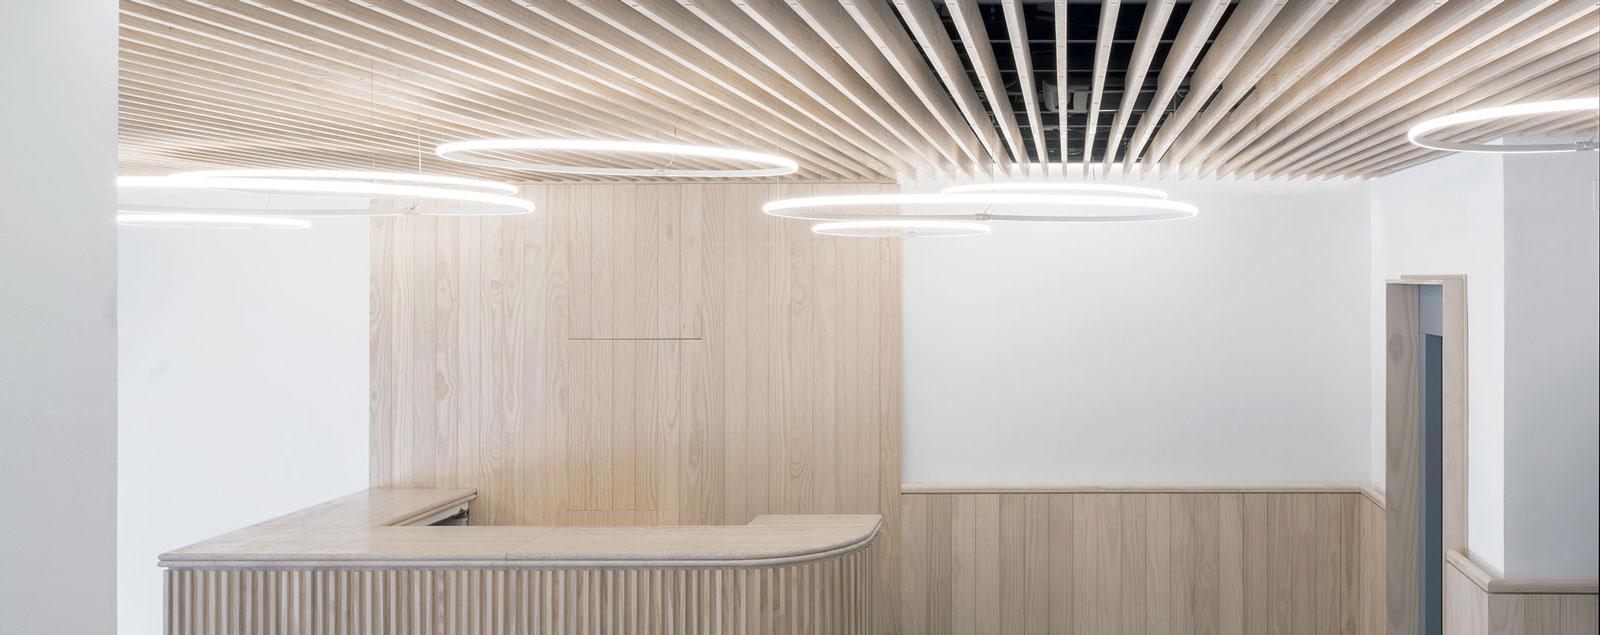 Vendita Mobili Stile Vecchia America progetto luci abitazione progetto illuminazione uffici bar